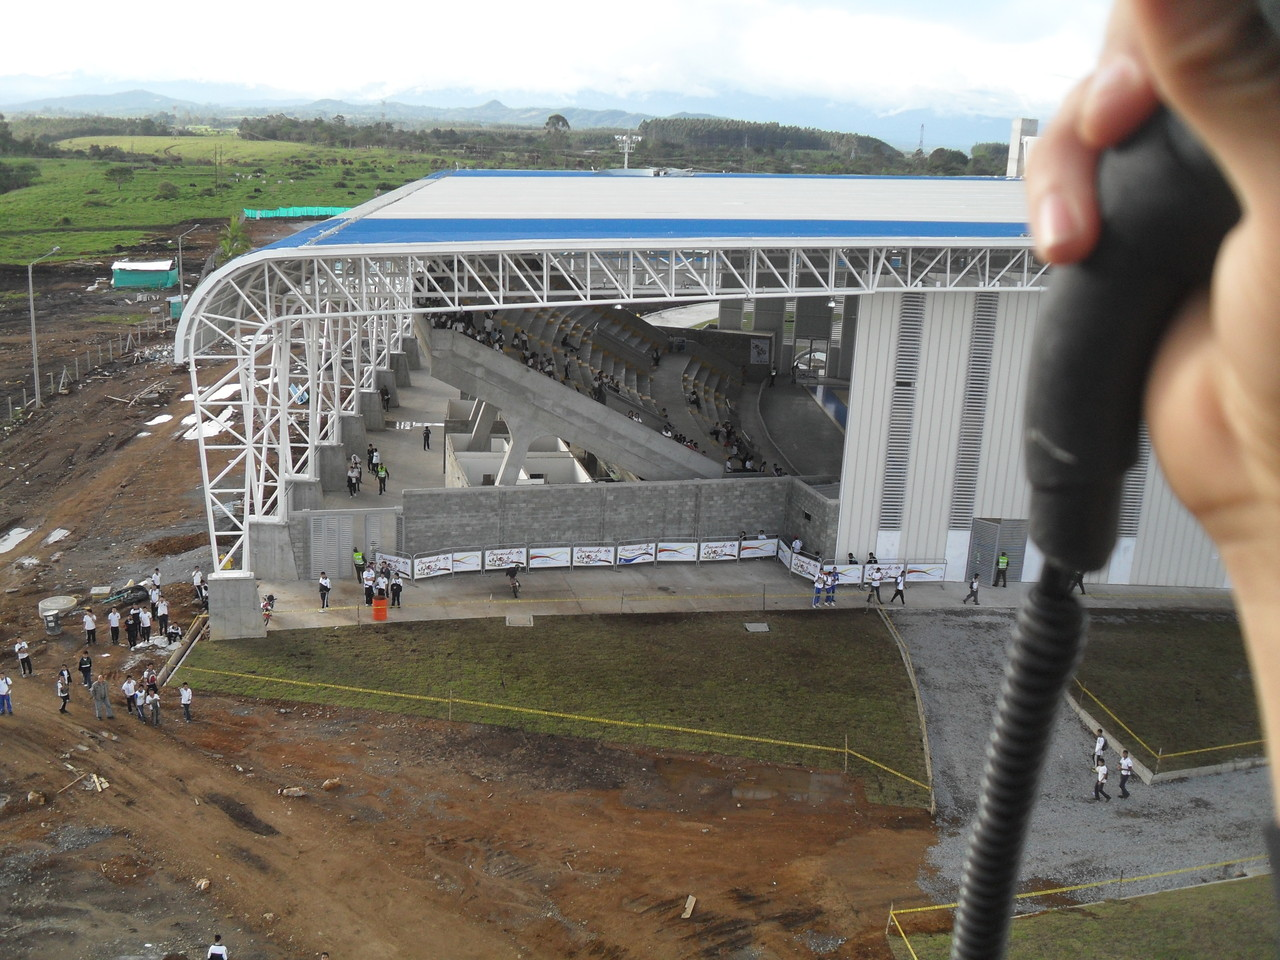 Coliseos y escenarios deportivos